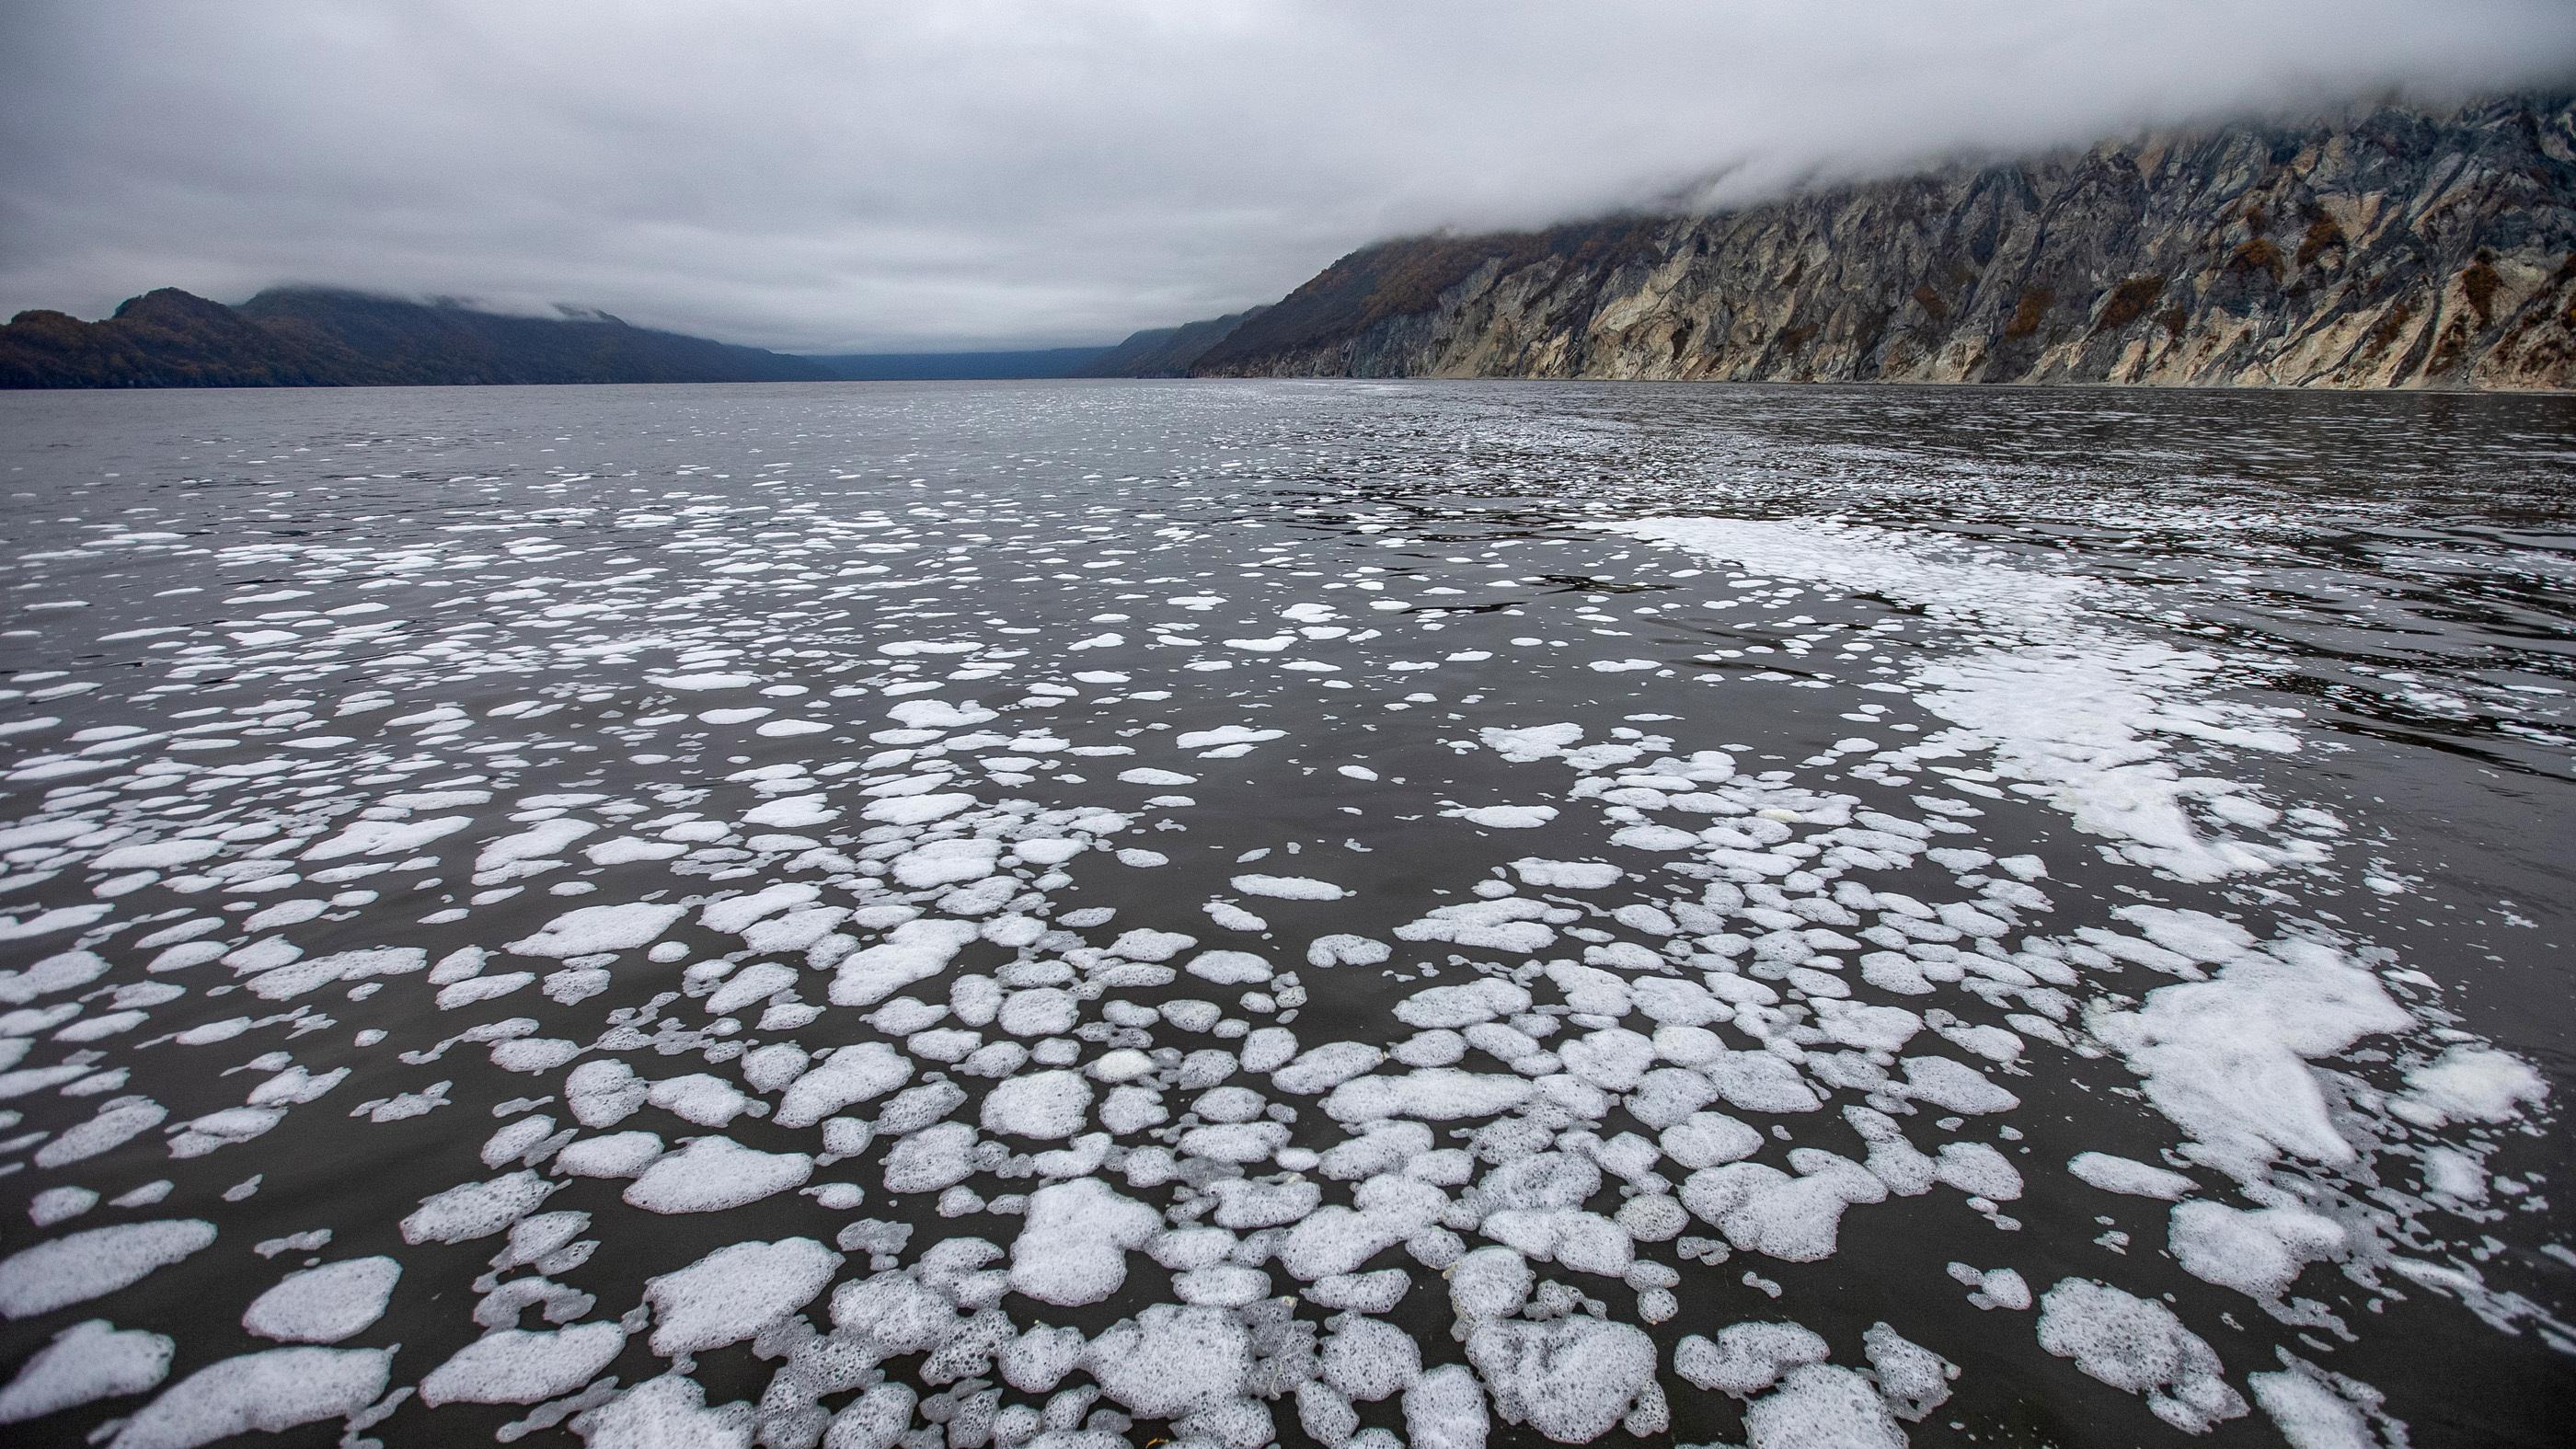 Les chercheurs rapportent que jusqu'à 95% des créatures sur le fond marin de la baie d'Avacha dans la péninsule du Kamtchatka pourraient avoir été tuées par la pollution.  Avacha Bay est présenté ici le 5 octobre.